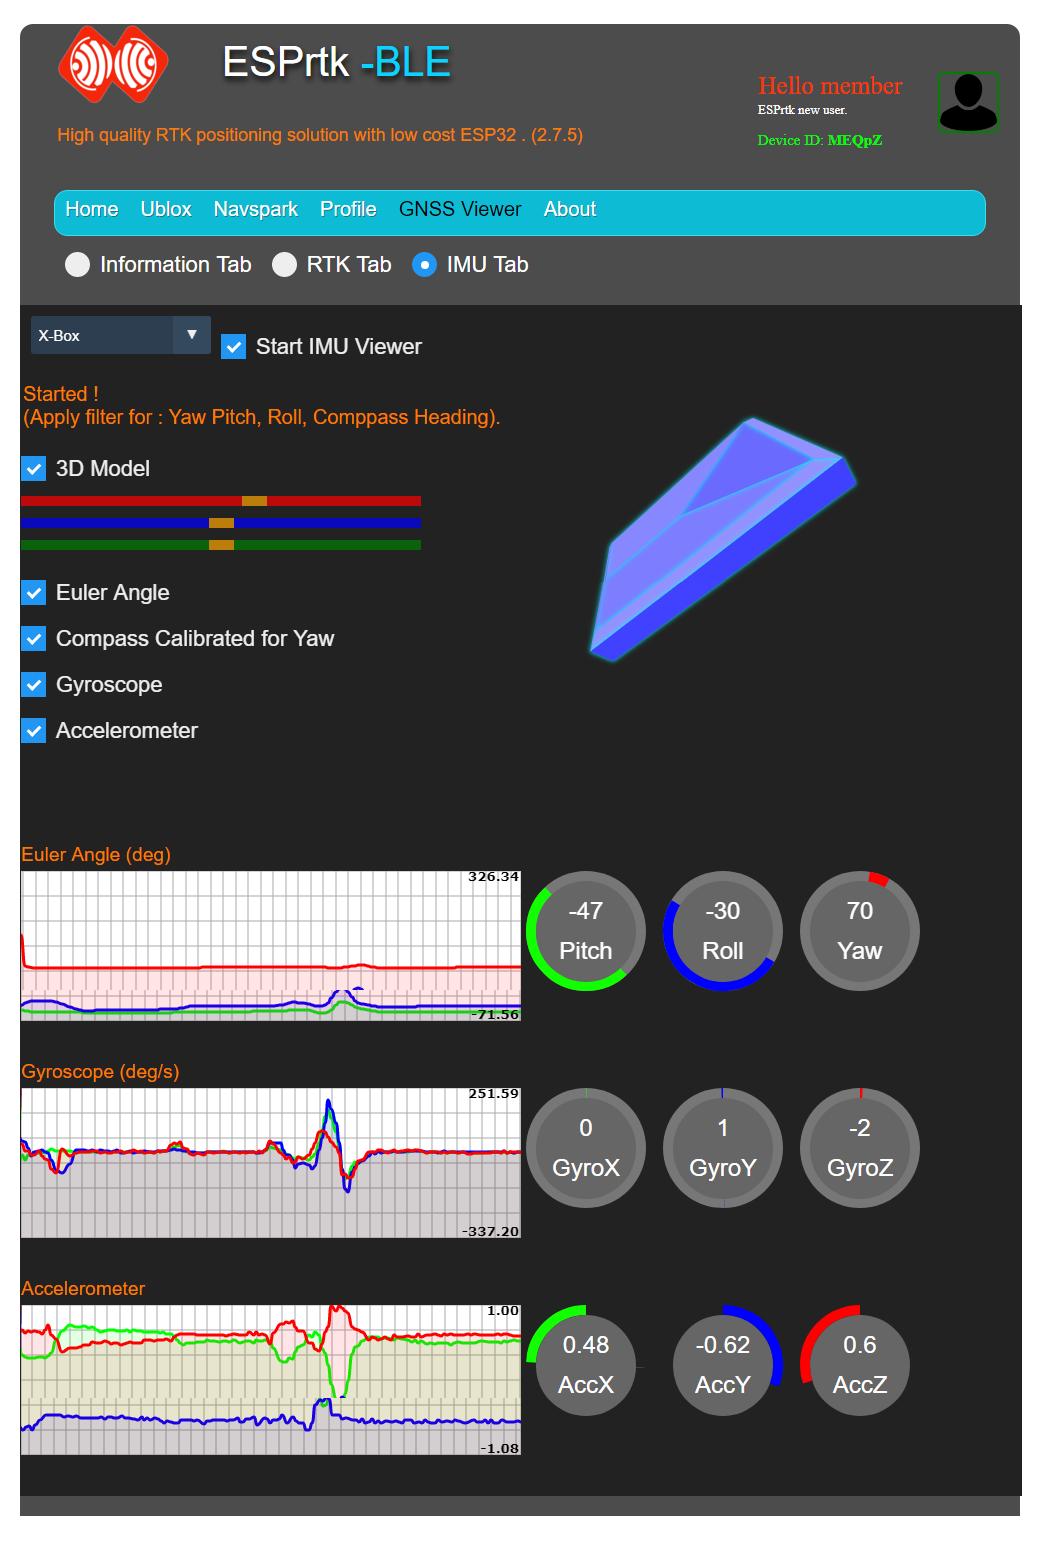 Tutorial - Web Configure : MPU9250 - IMU Viewer - ESPrtk